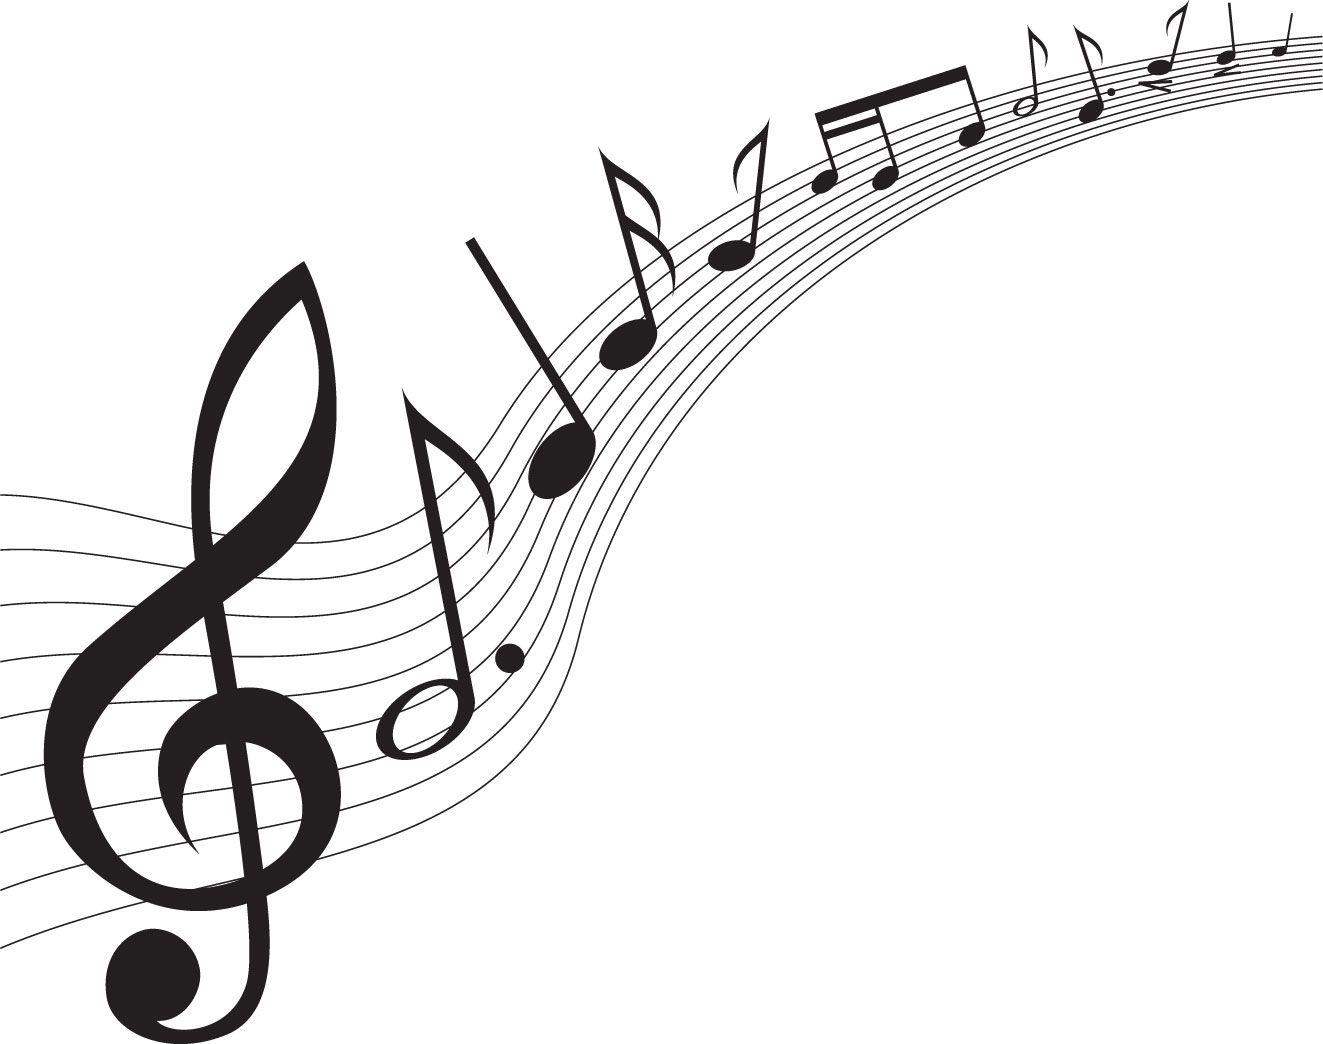 音符 イラスト - google 検索 | advatising | pinterest | applique